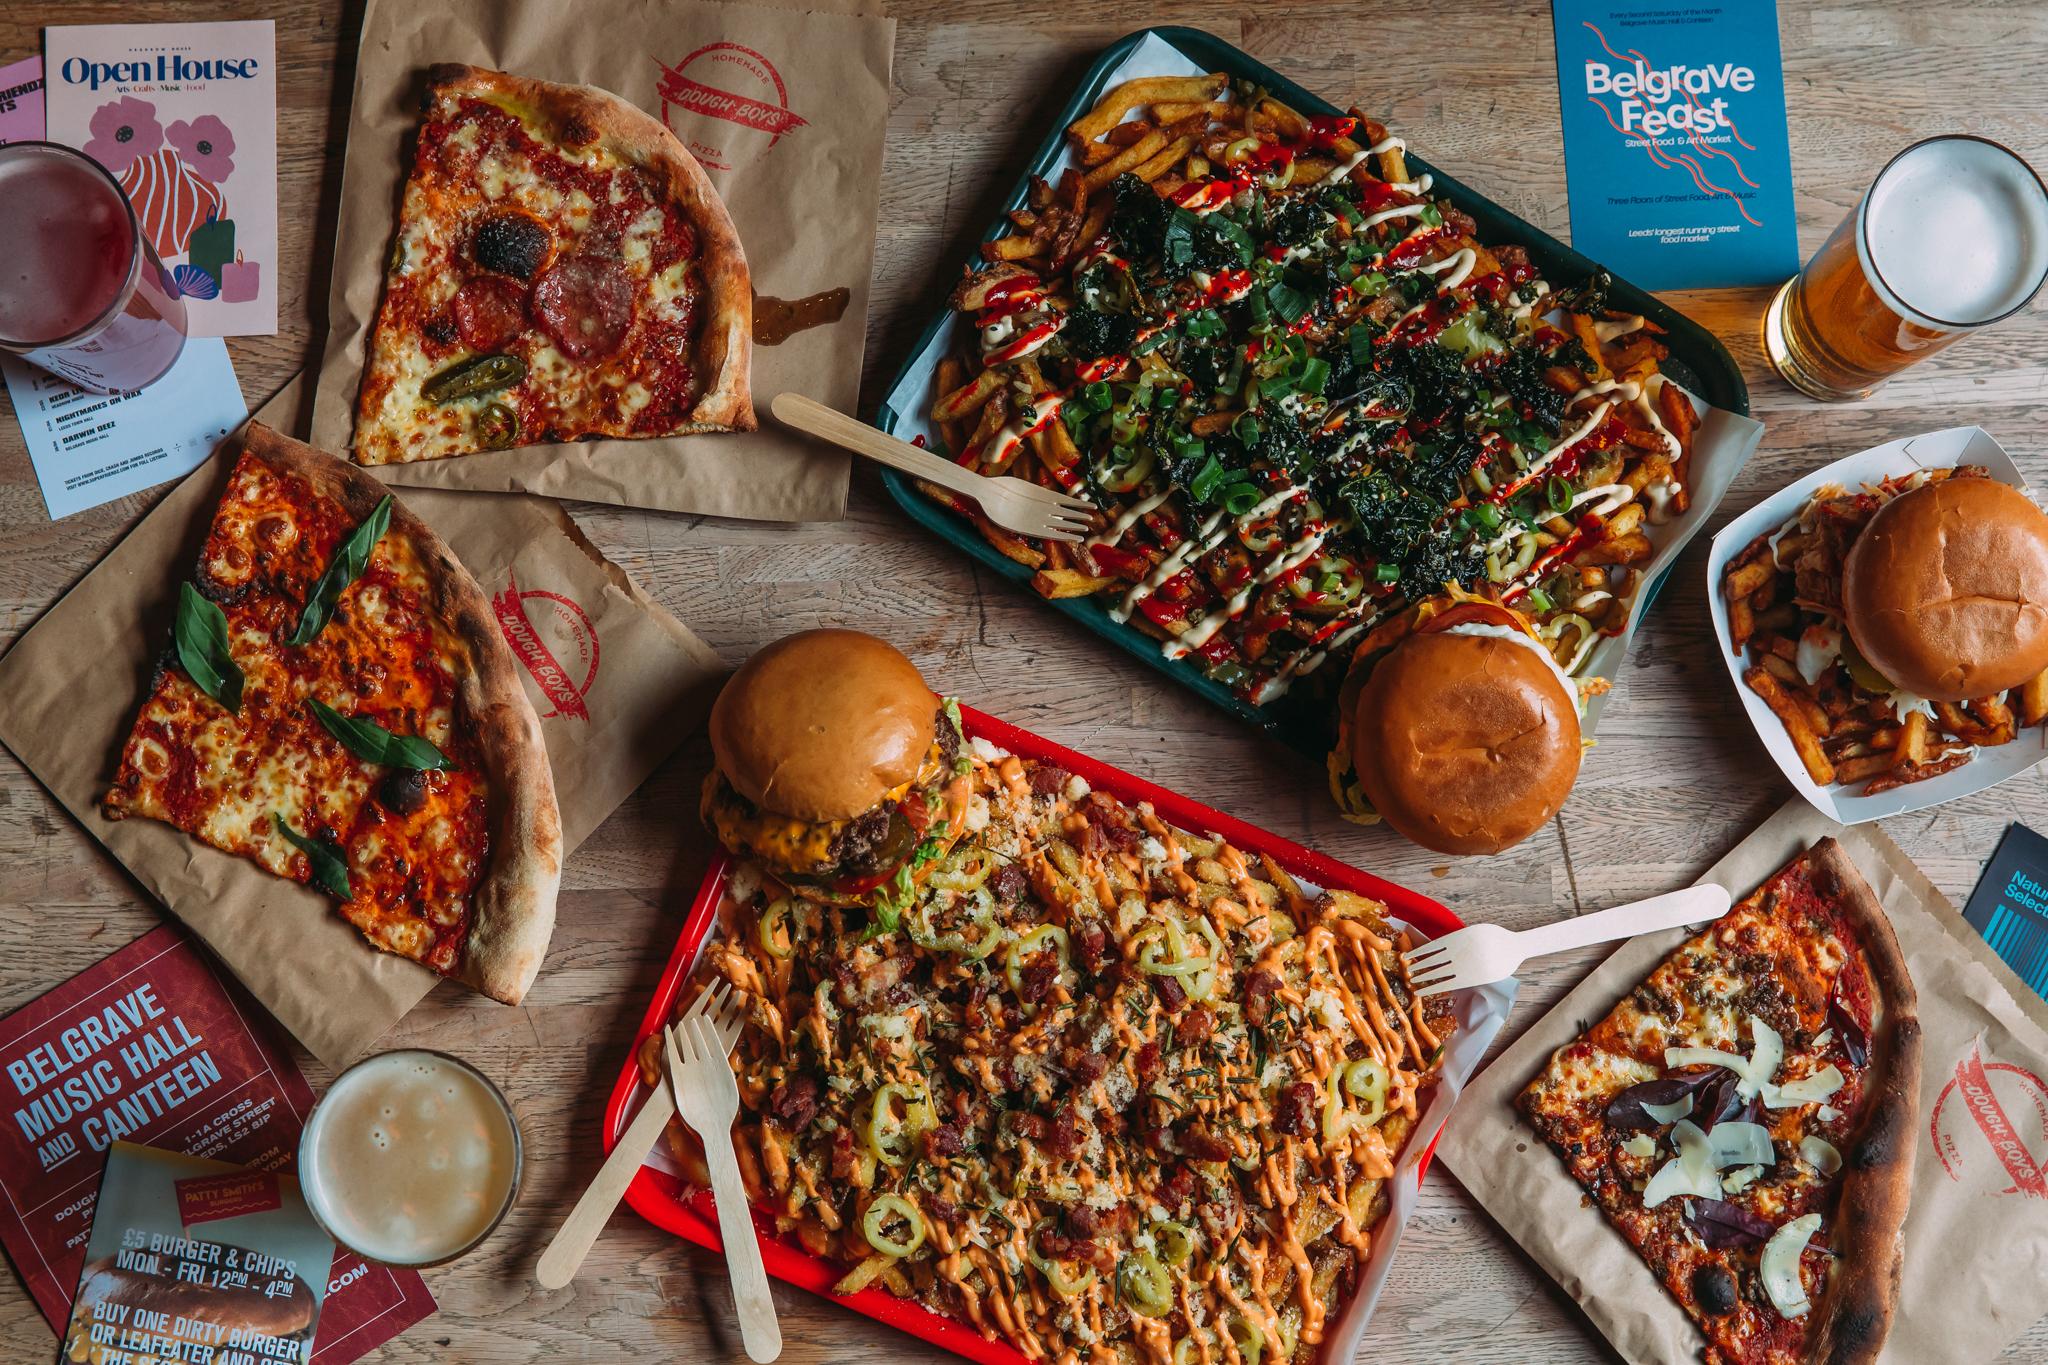 Belgrave Leeds - Food Overhead